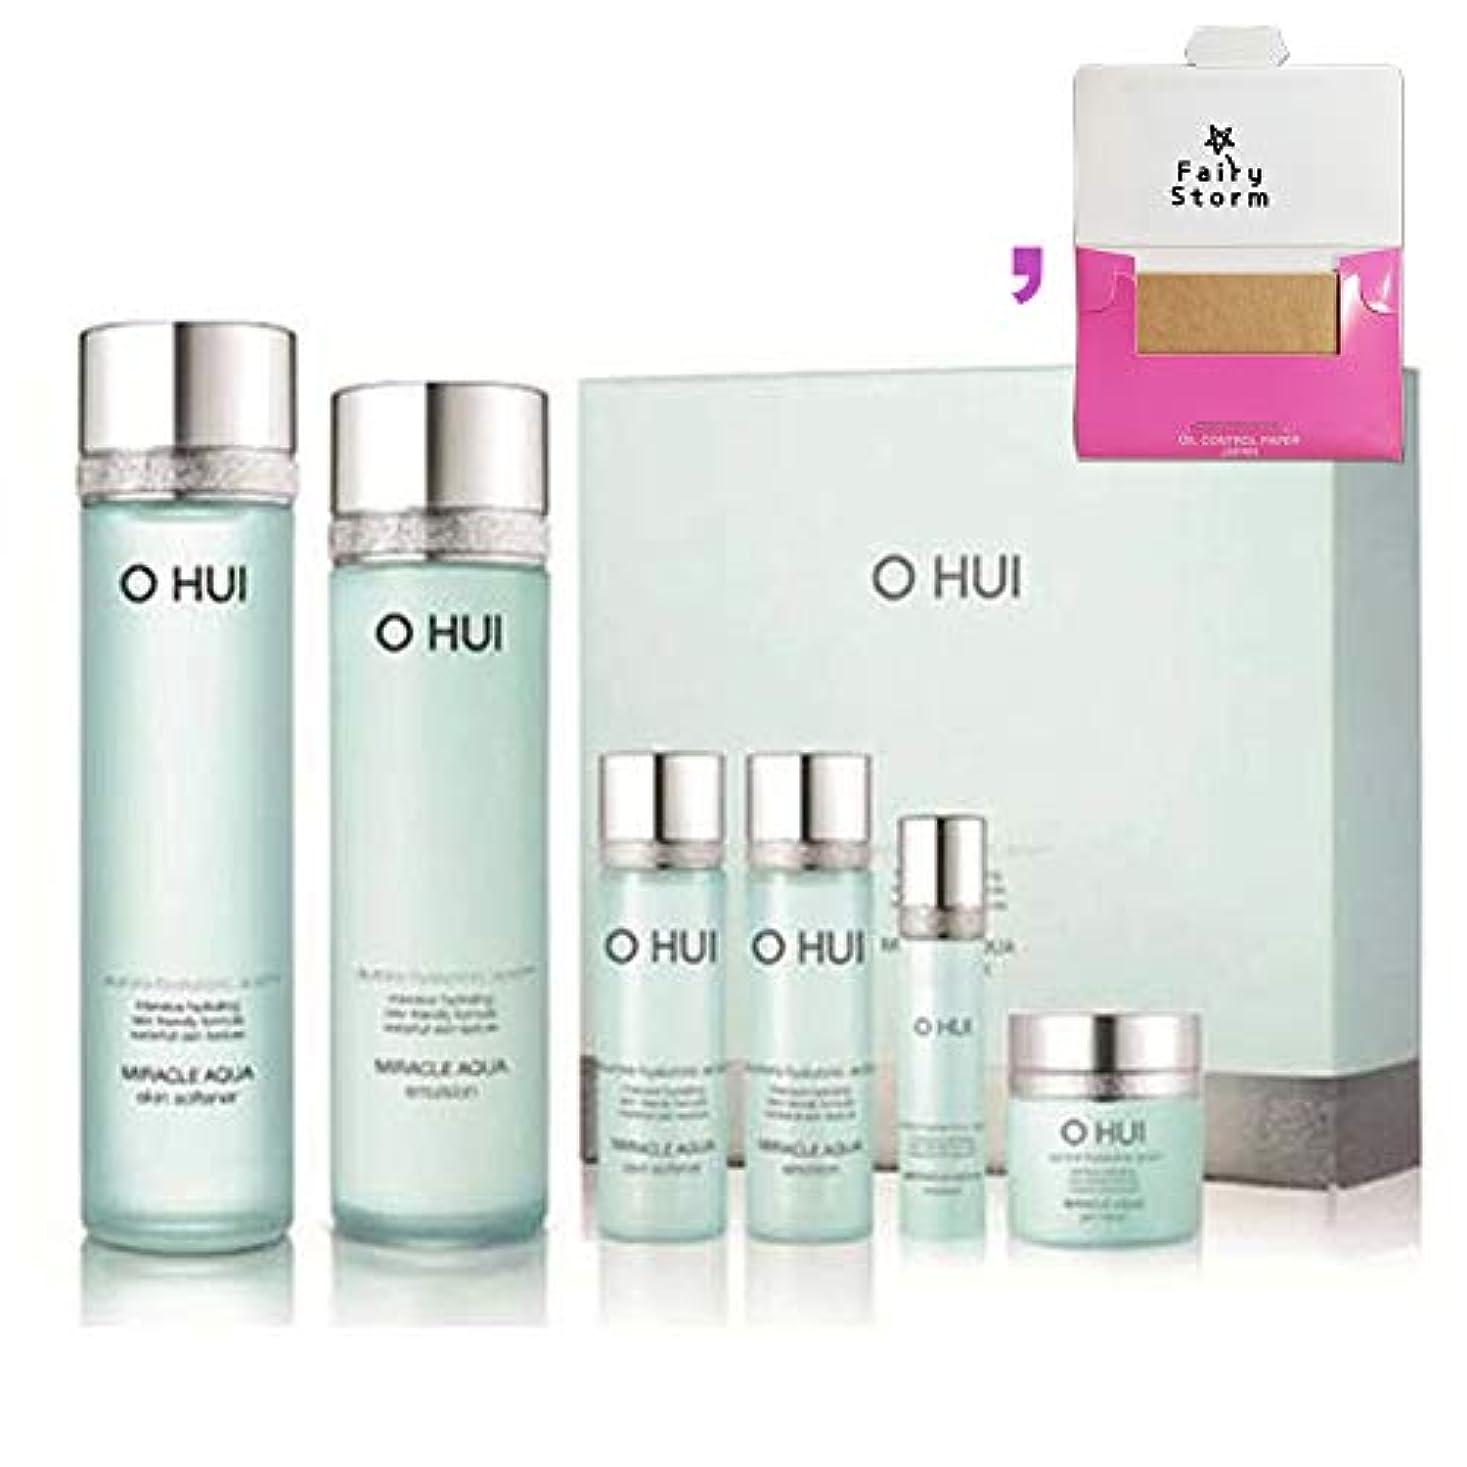 軽減する伝染病ビバ[オフィ/O HUI]韓国化粧品LG生活健康/O HUI MIRACLE AQUA SPECIAL 2EA SET/ミラクルアクア 2種セット+[Sample Gift](海外直送品)